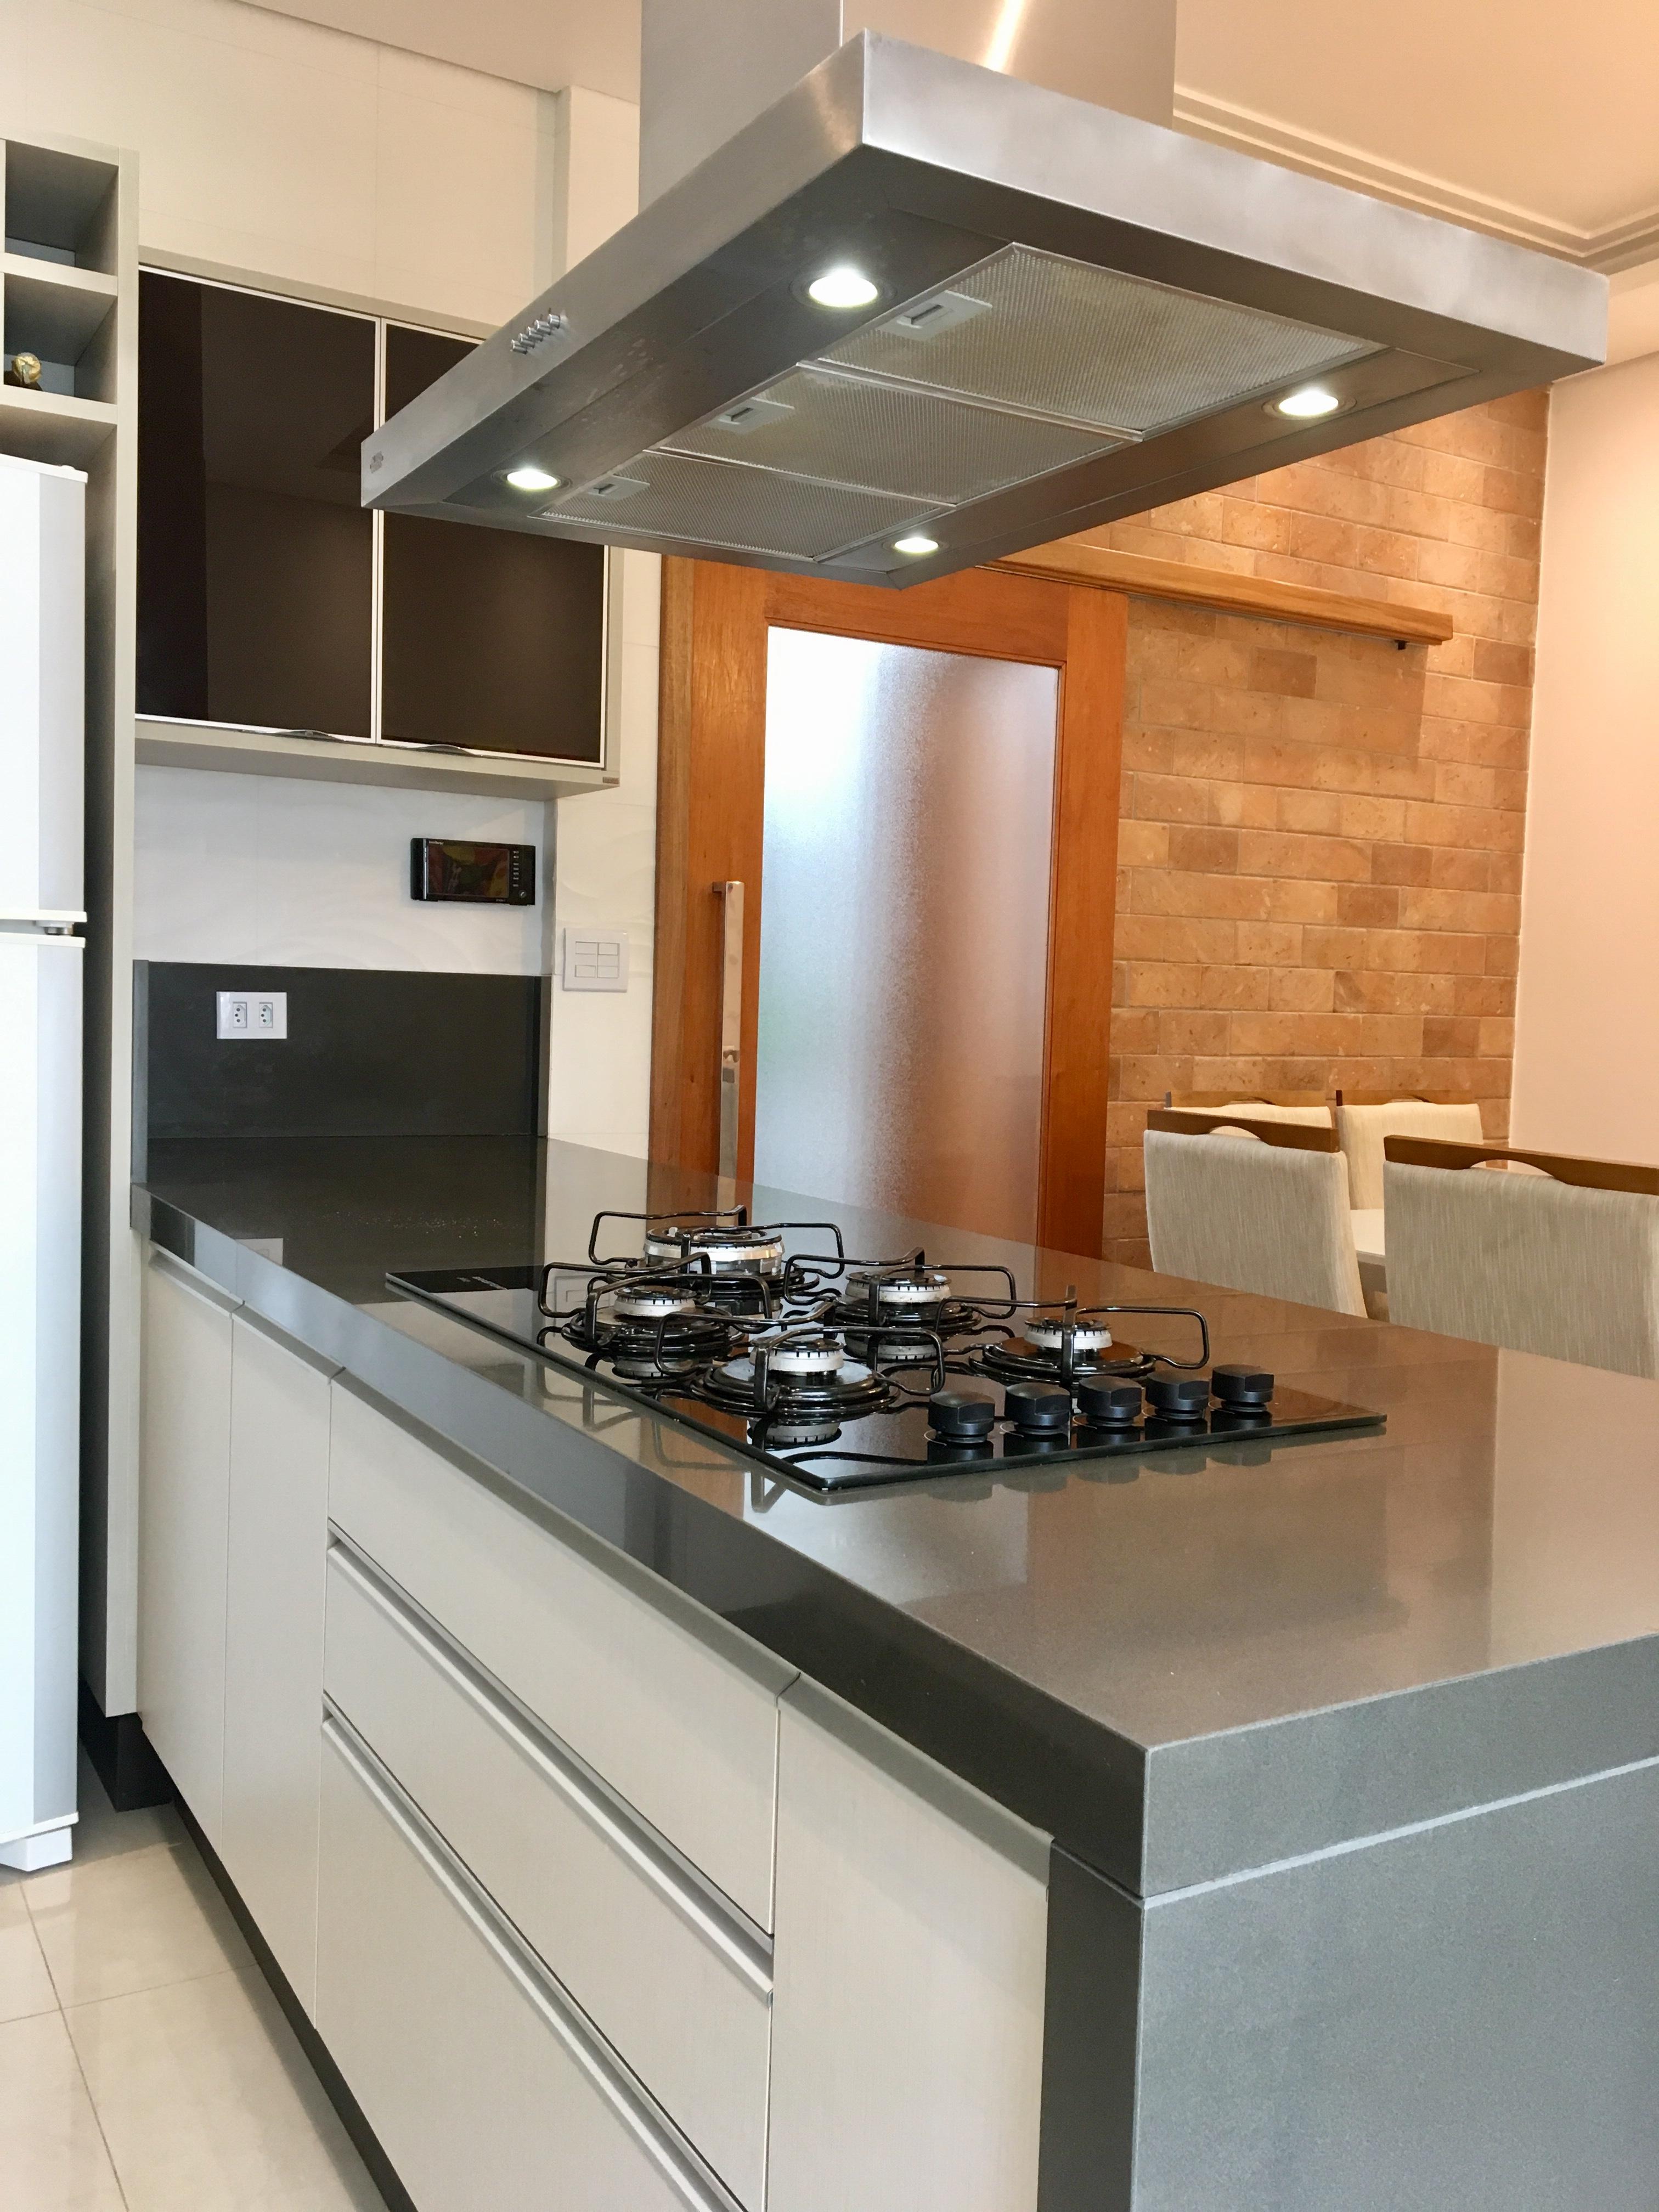 Decora O E Dia A Dia Charles Oliveira Arquitetura -> Fotos De Cozinha Conceito Aberto